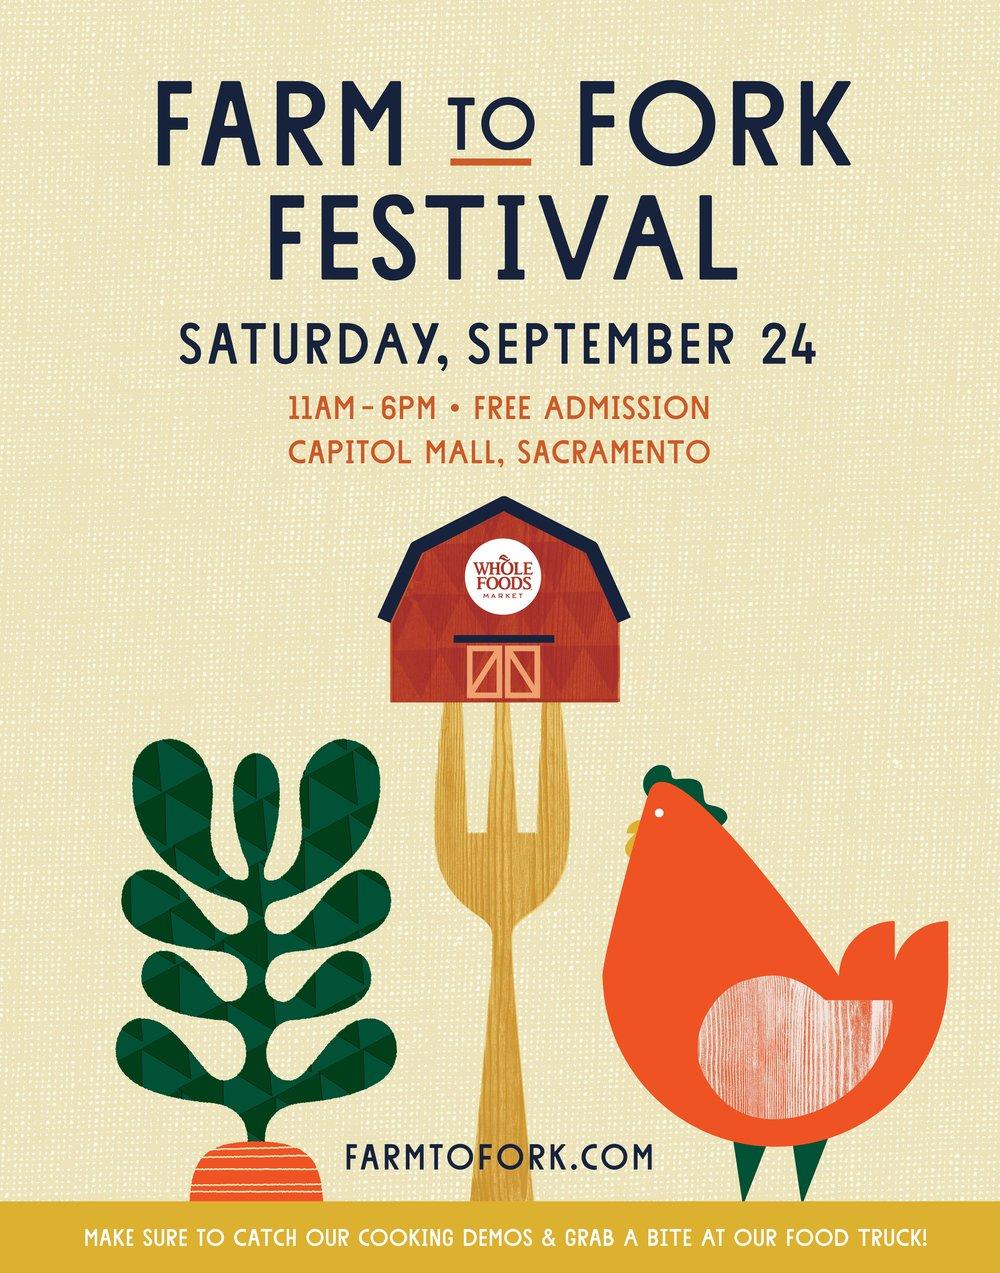 poster_farm to fork festival.jpg